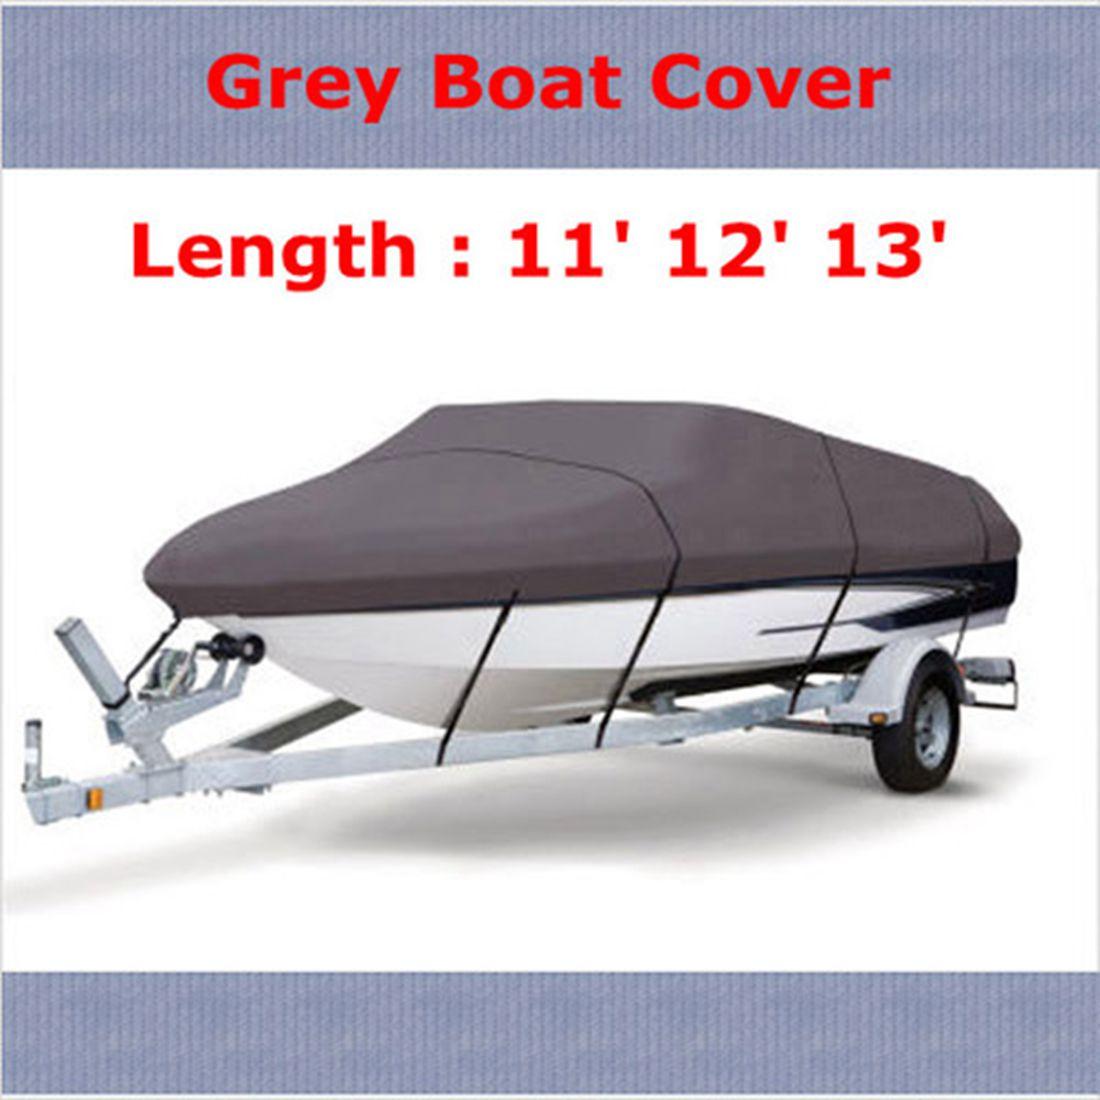 Водонепроницаемый 210D серый лодка ШВАРТОВКА ЧЕХОЛ 11 12 13 футов балка 105 дюймов trailerable рыба Лыжная v-образная сумка для хранения